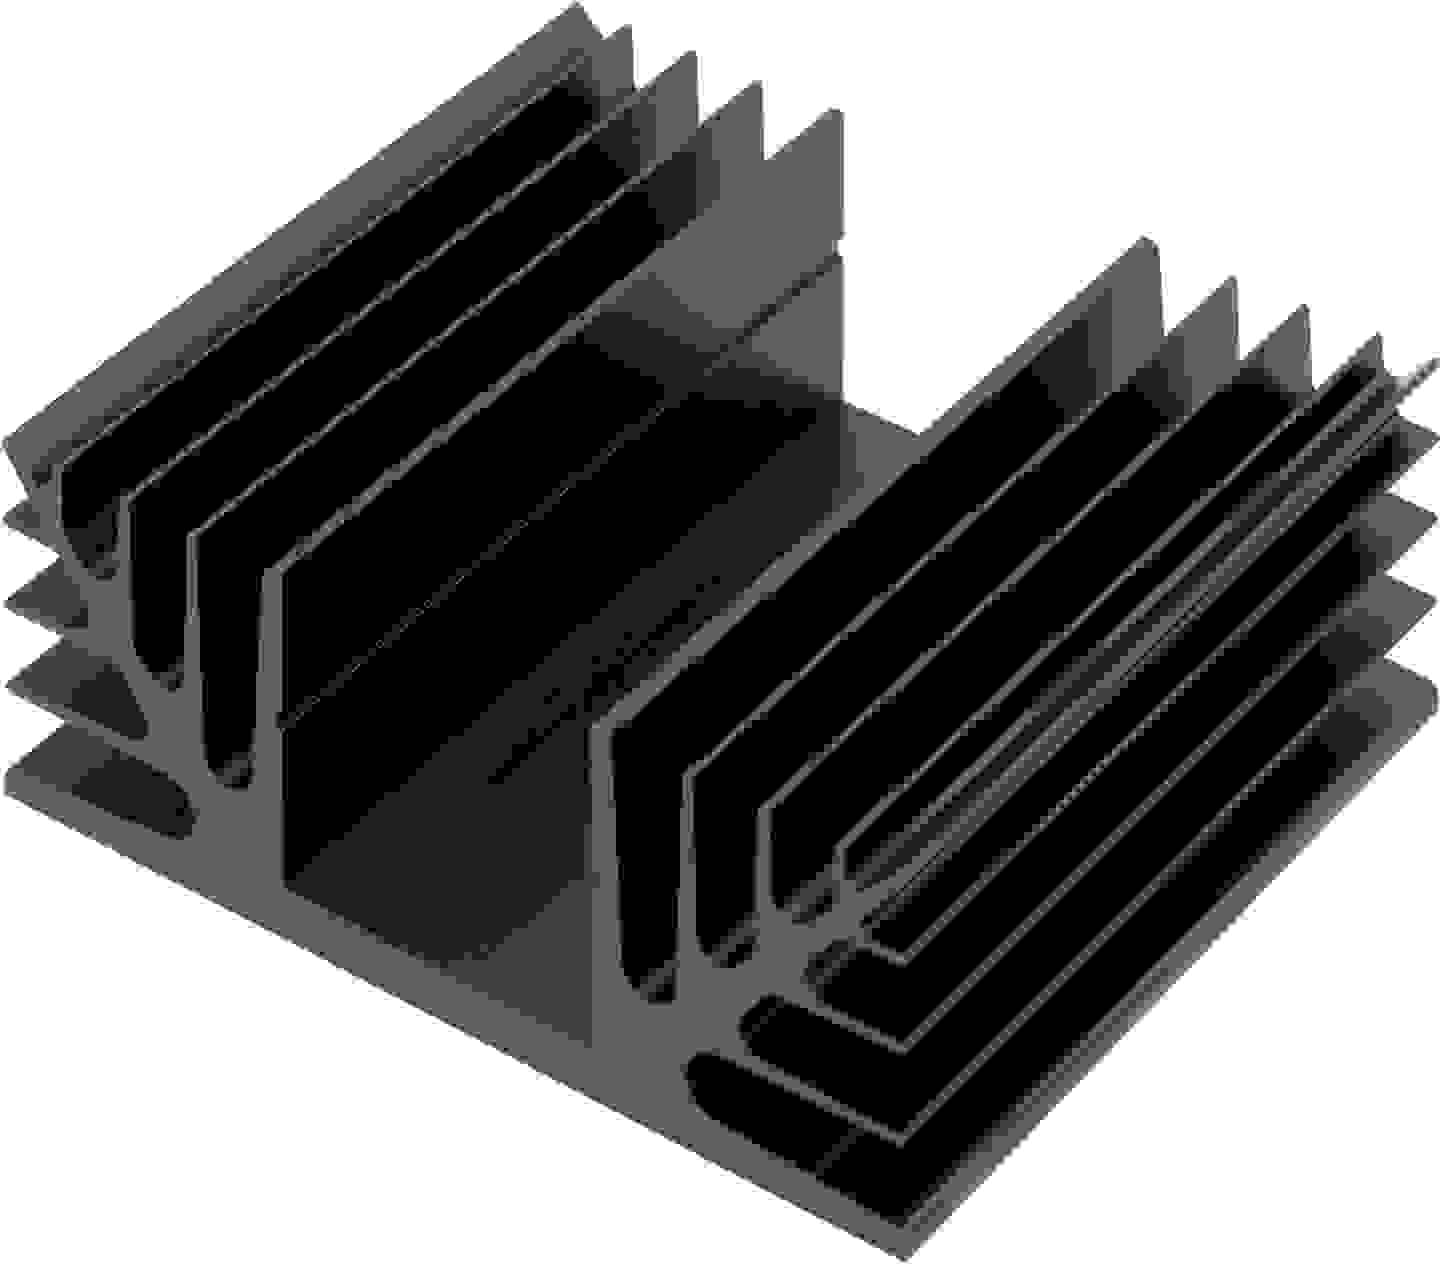 ühlkörper aus eloxiertem Aluminium mit Lamellen nach außen